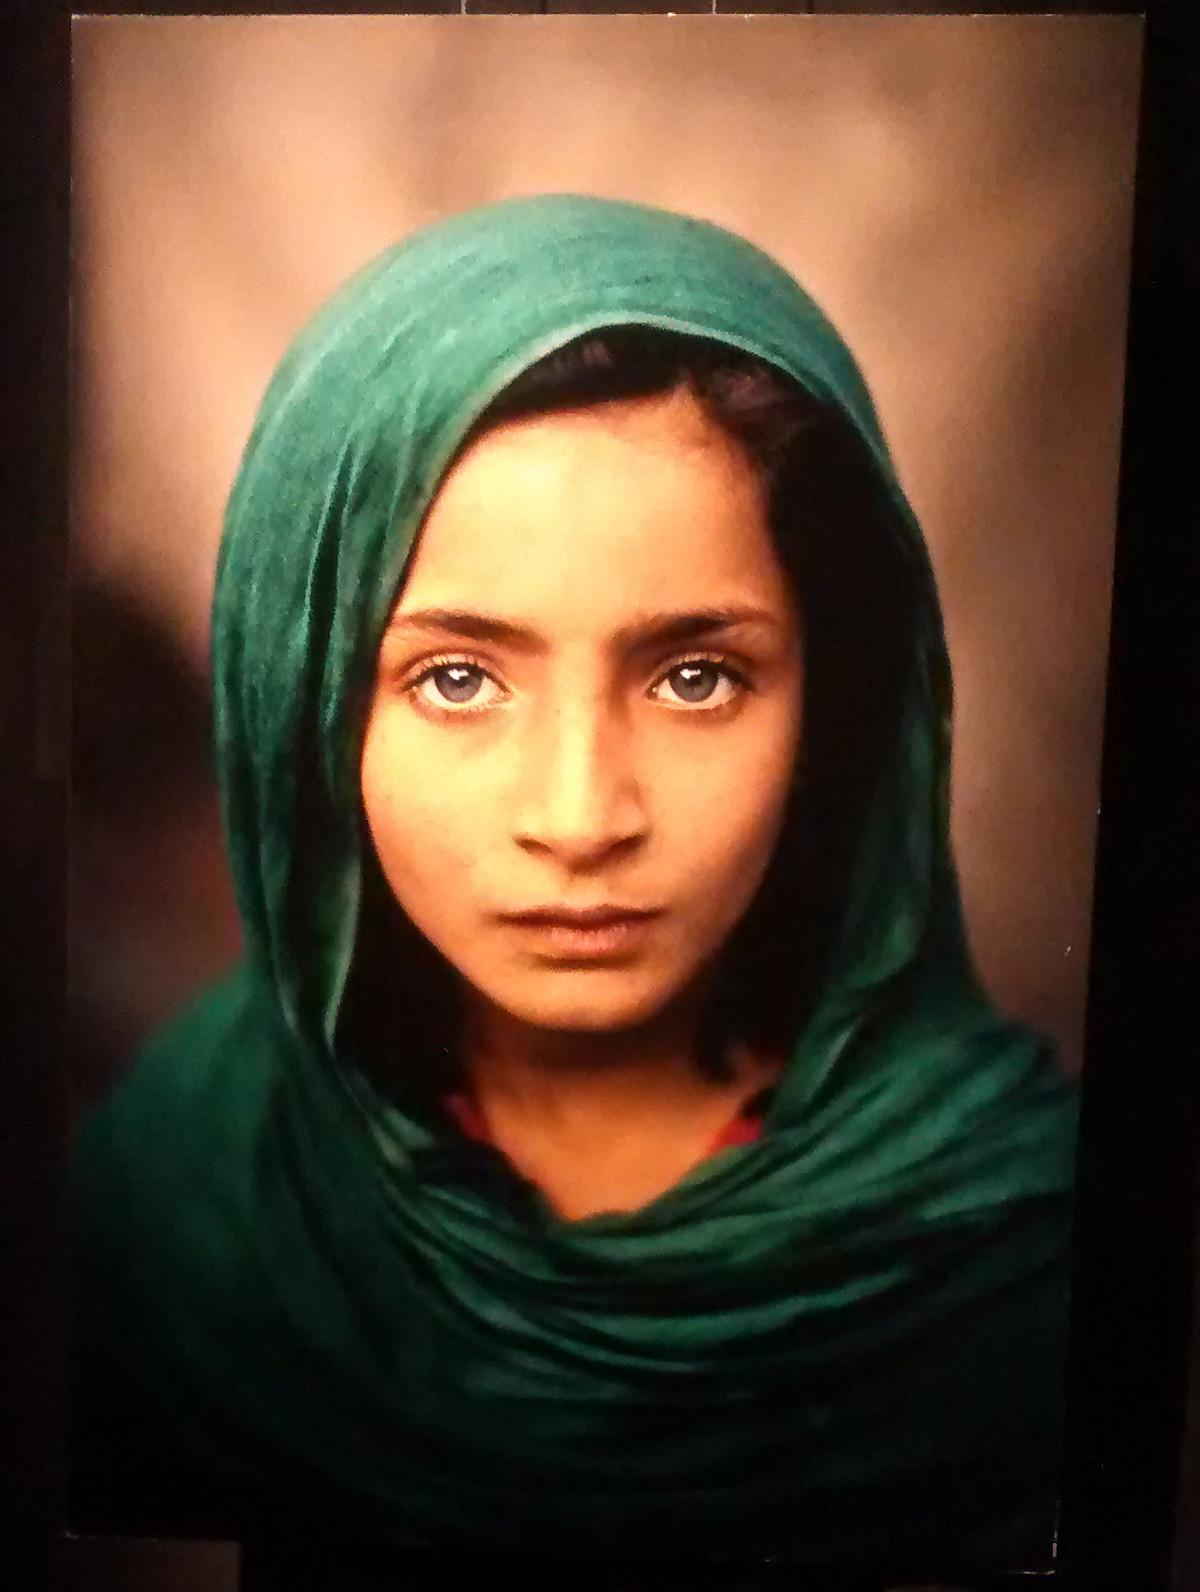 McCurry Forli